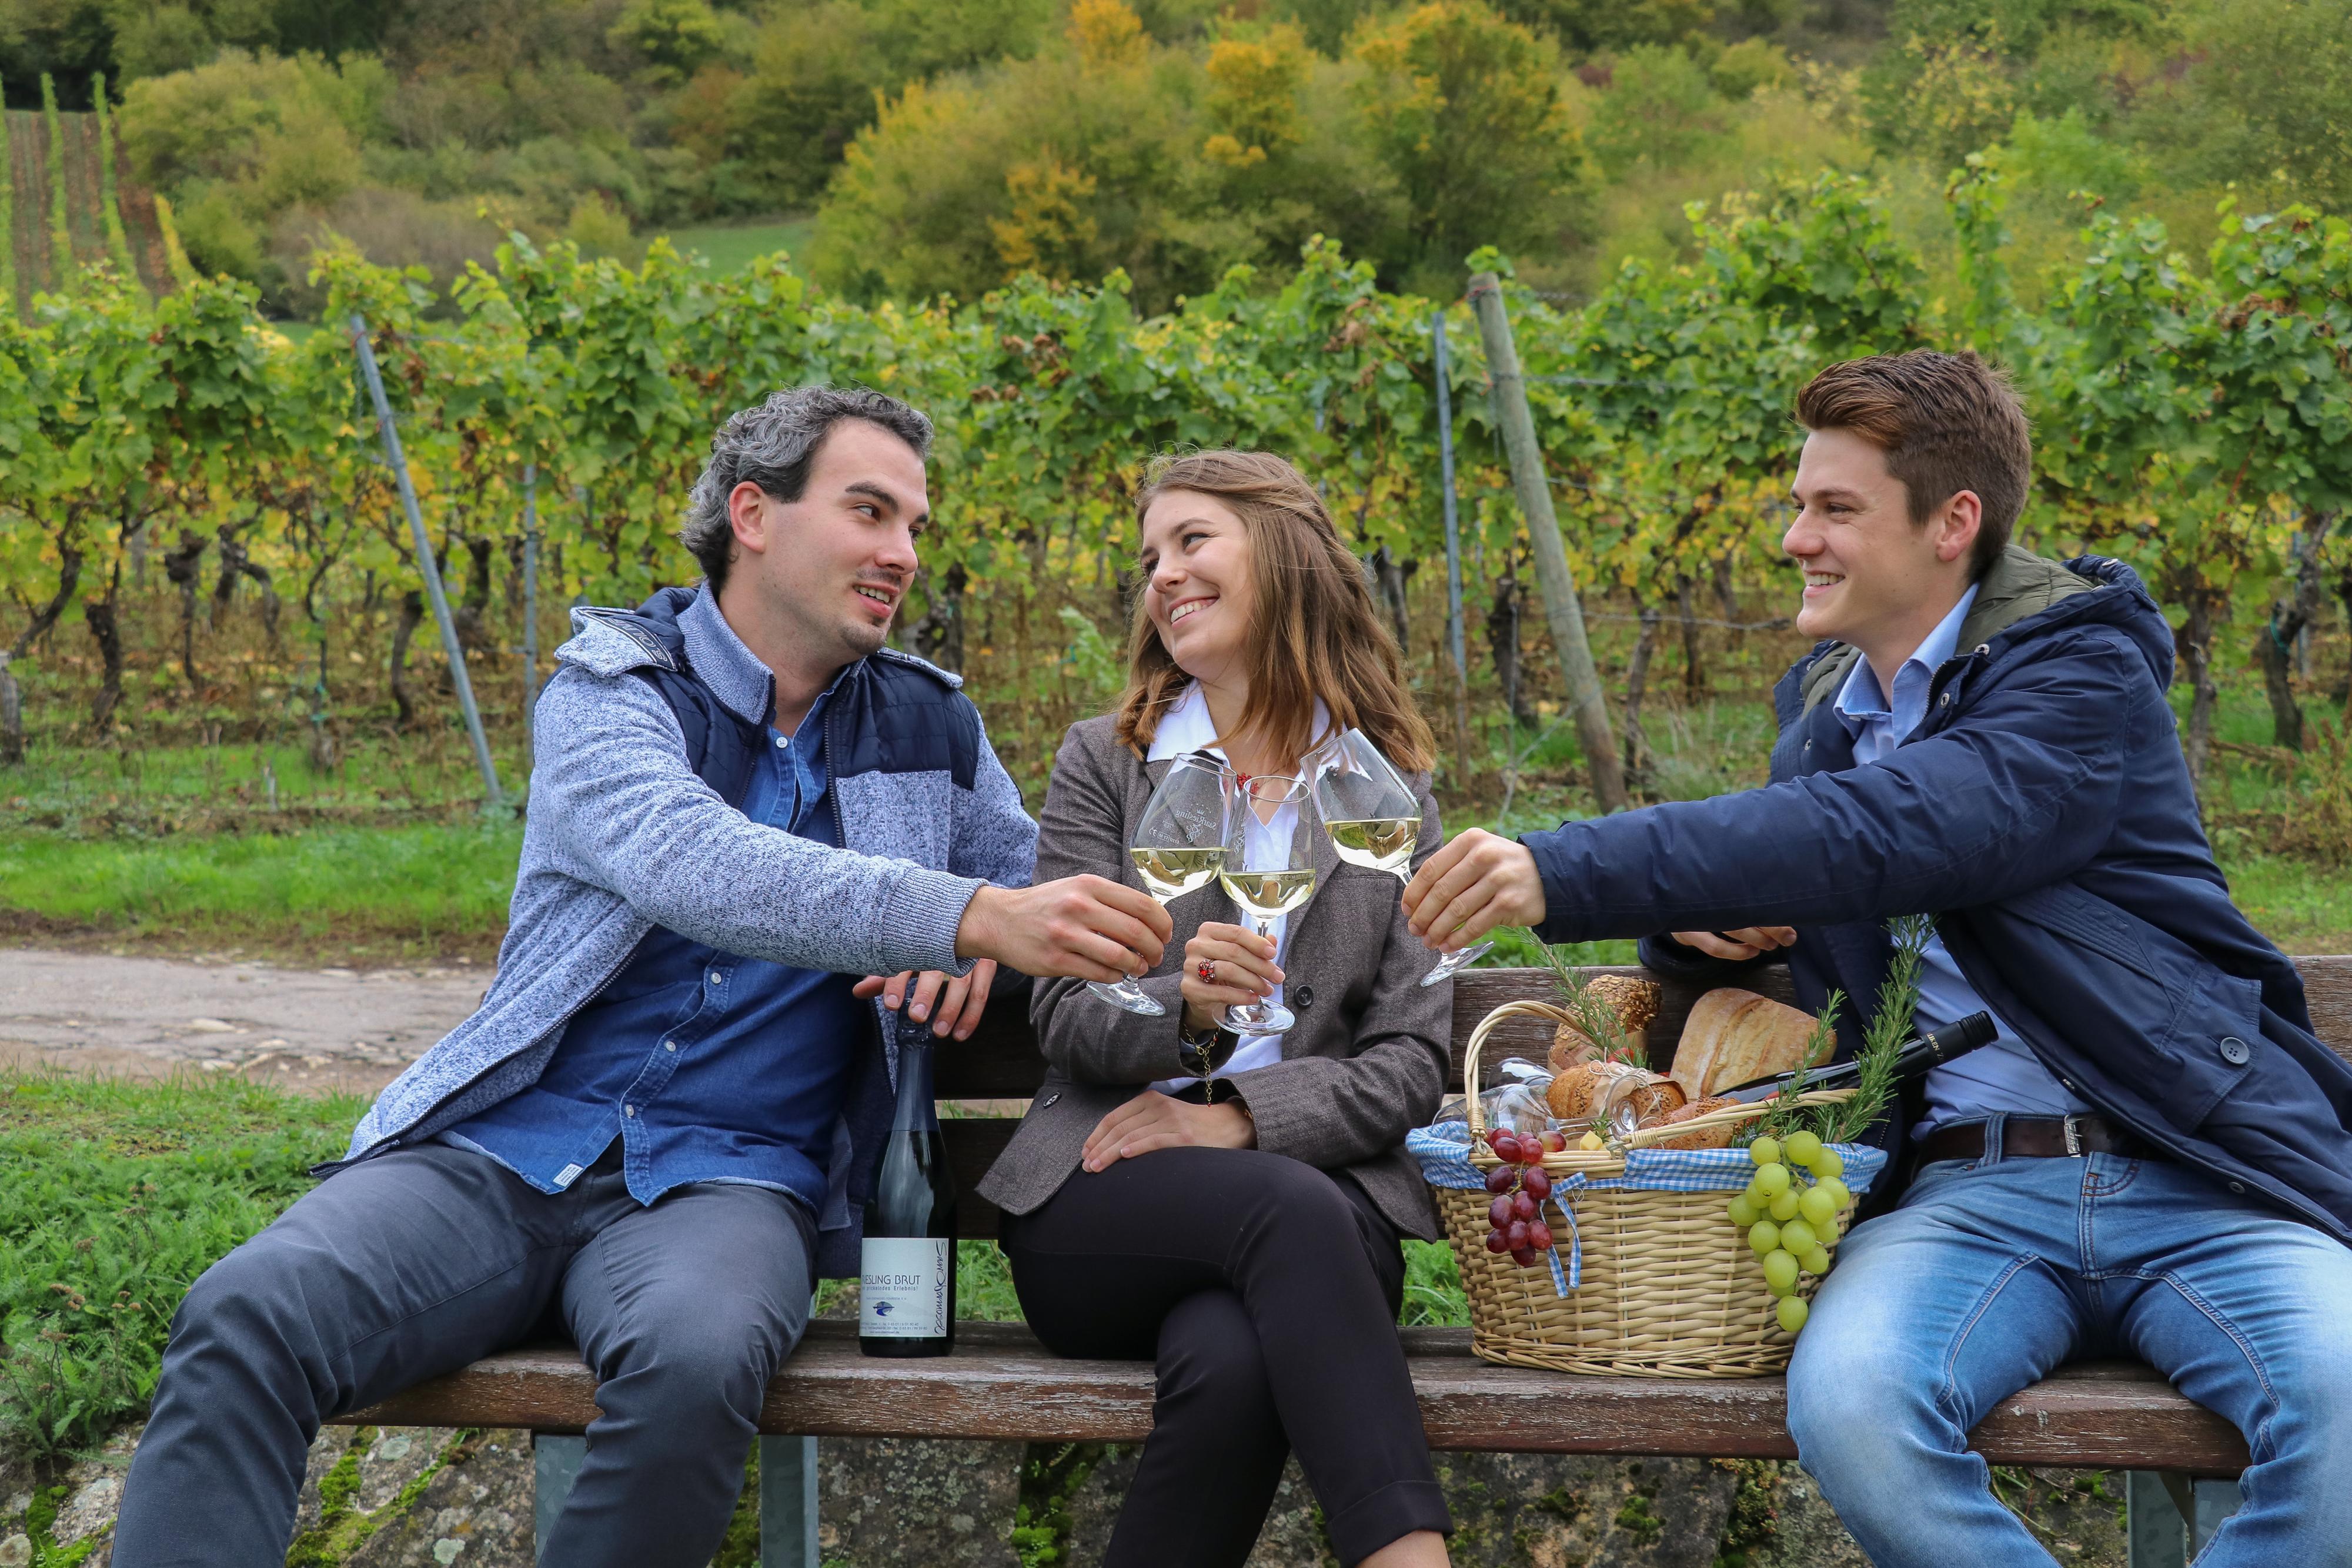 Junge Frau mit zwei Männern auf einer Bank im Weinberg mit Weingläsern und reich gefülltem Picknickkorb